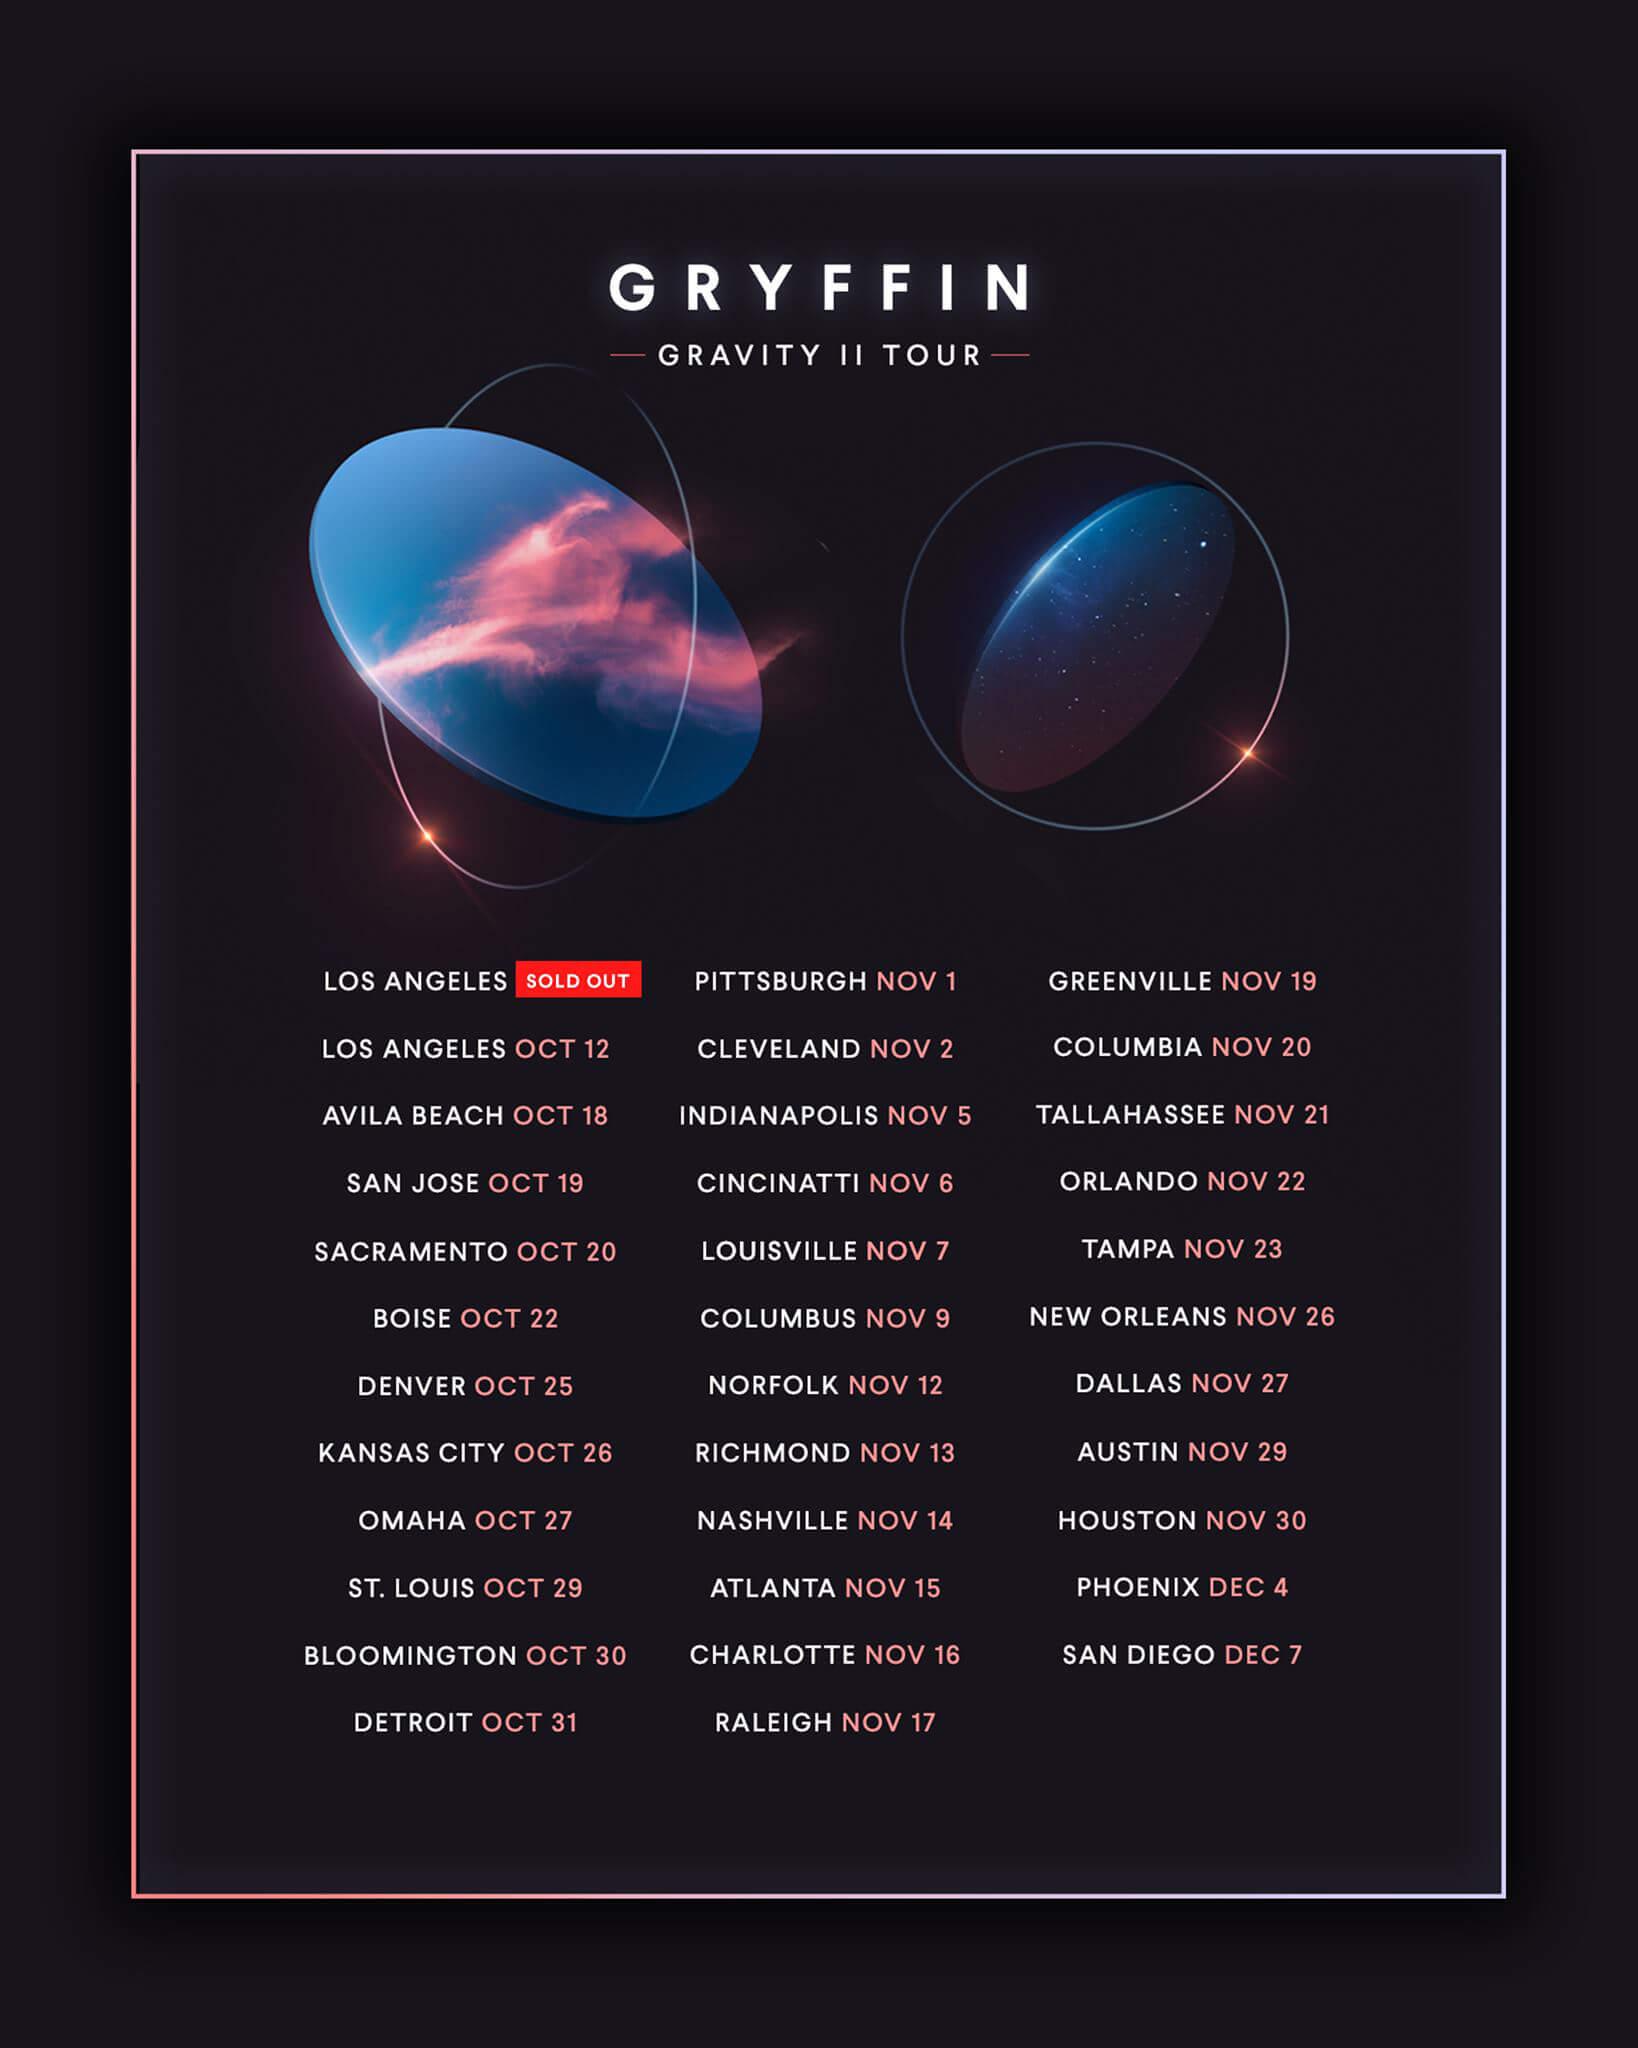 Gryffin in Charlotte